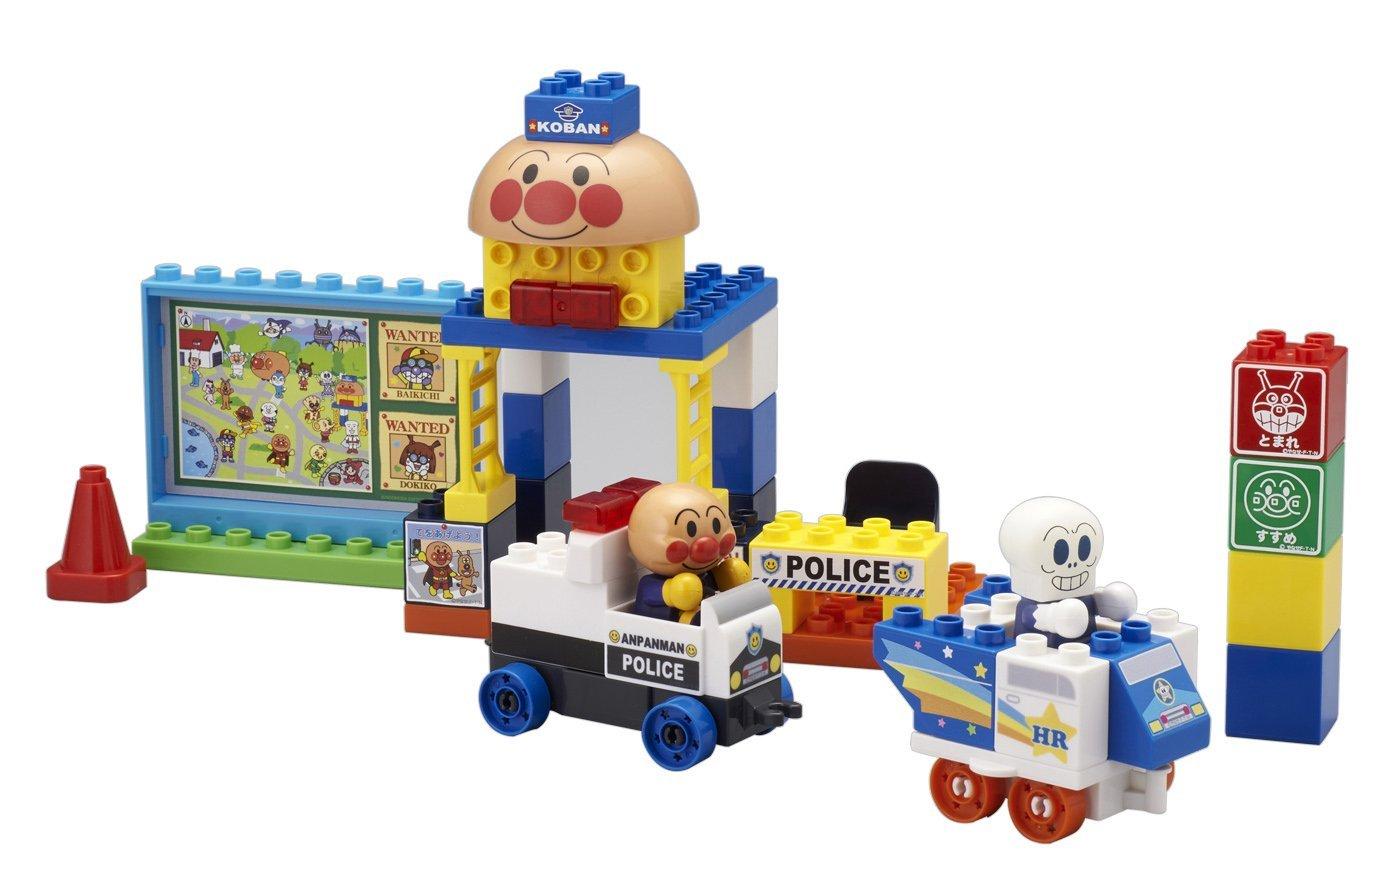 麵包超人ANPANMAN 警察抓小偷2人形積木玩具 ,迷你積木/多元創意積木/玩具/建構棒/樂高積木,X射線【C020707】